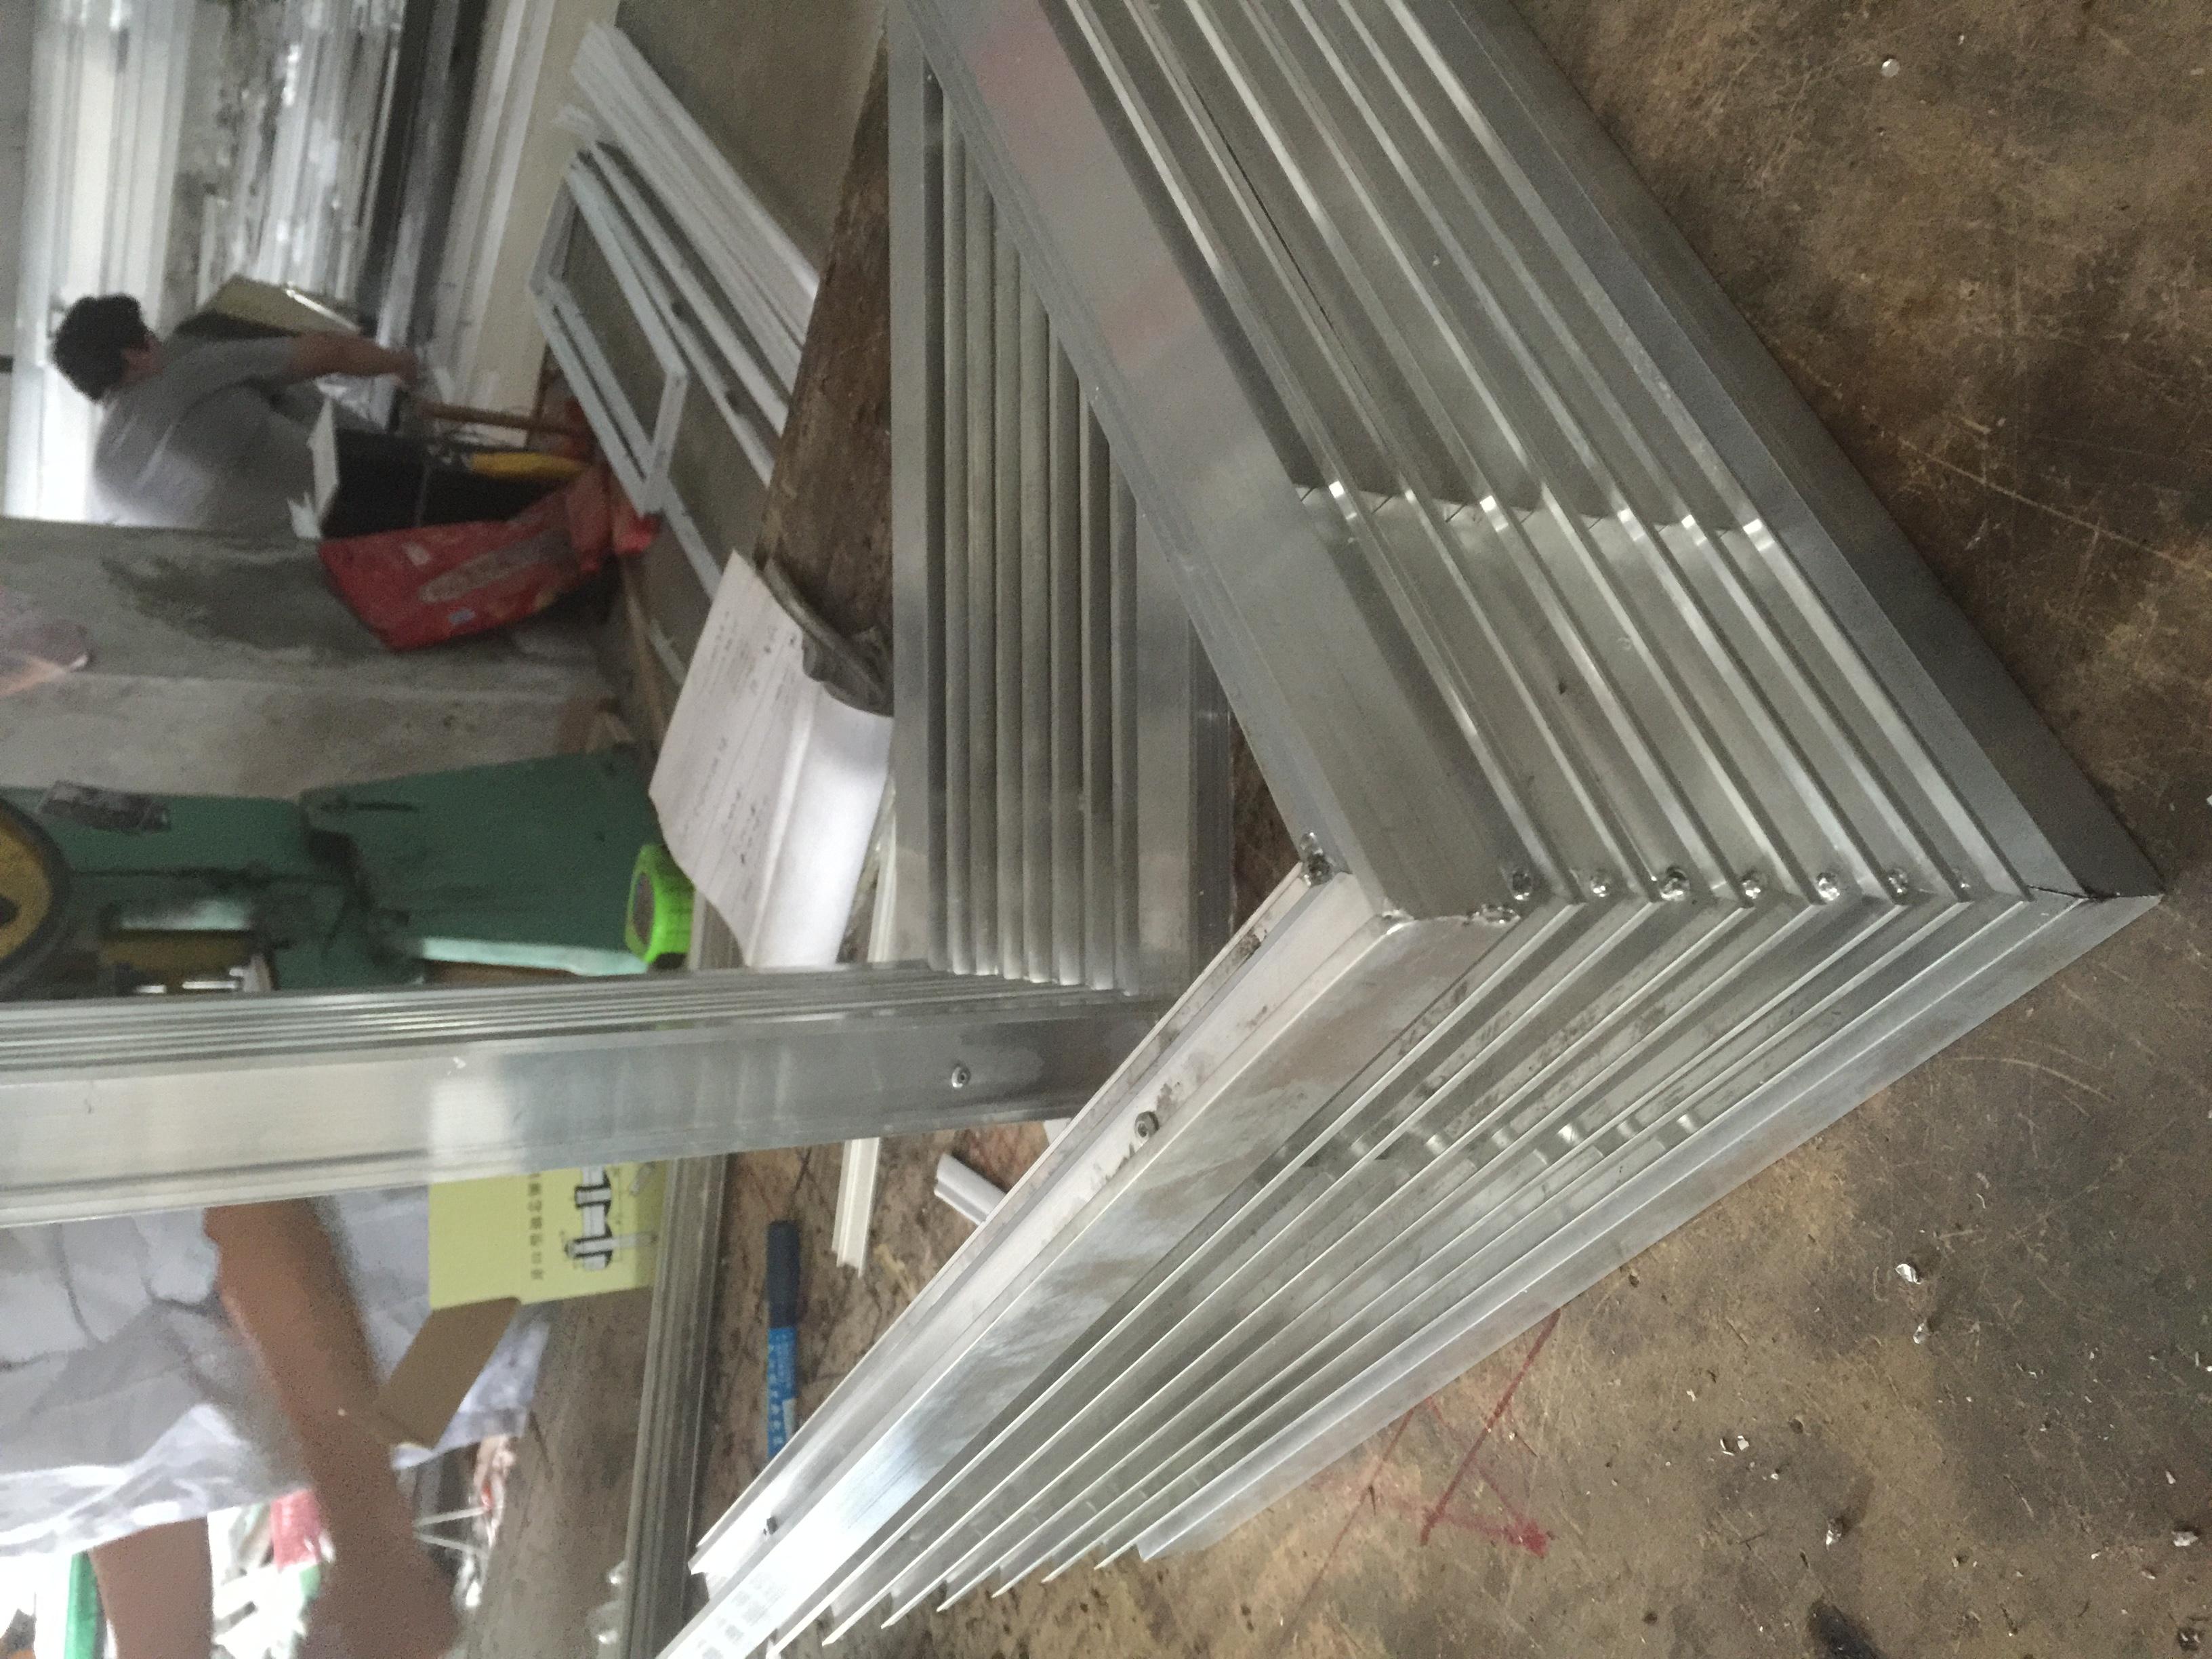 供应重庆0度线条厂家-0度线条价格-0度线条风口供应商 0度线条厂家